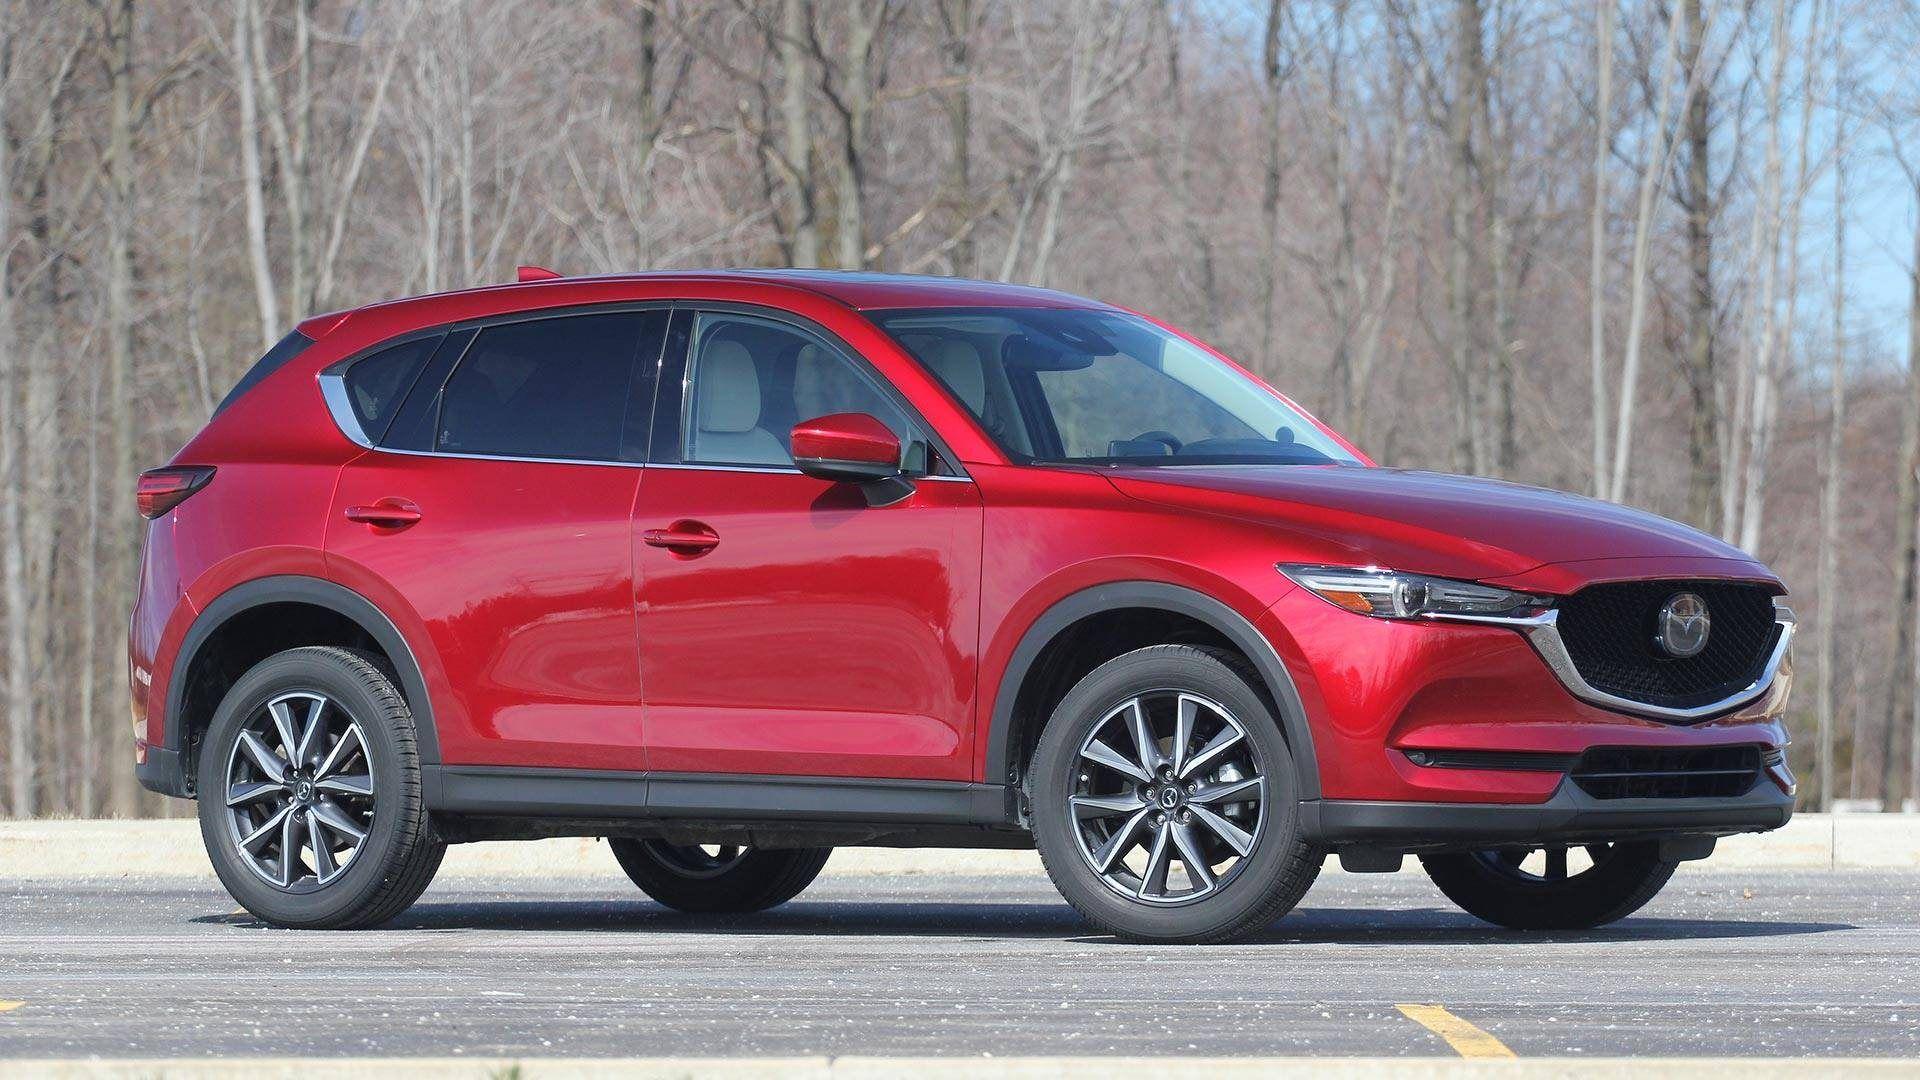 2021 Mazda Cx 5 Configurations In 2020 Mazda Miata Mazda Miata